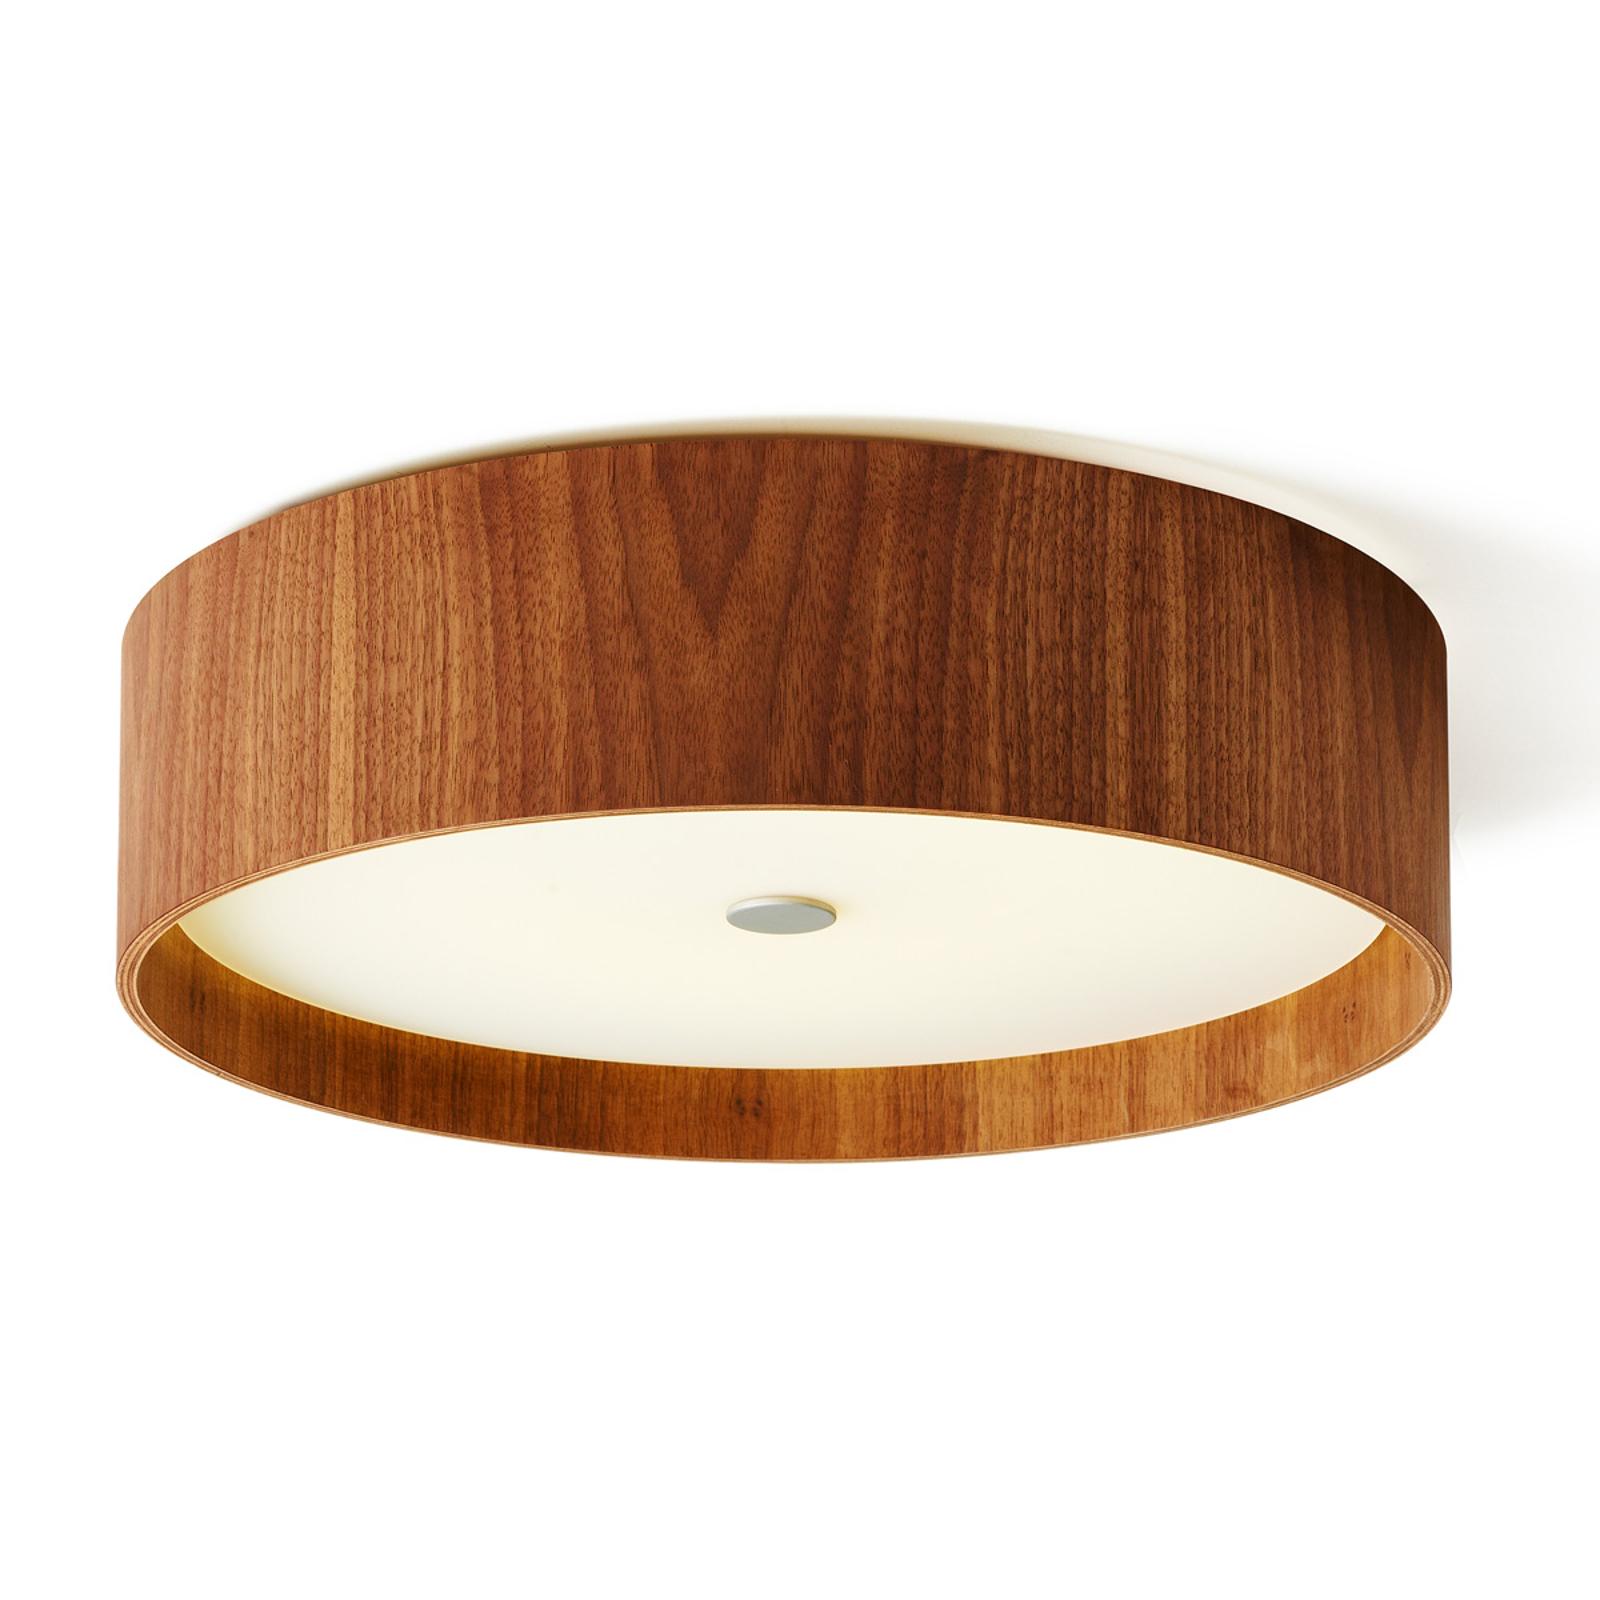 Taklampe Lara wood i nøttetre med LED 43 cm